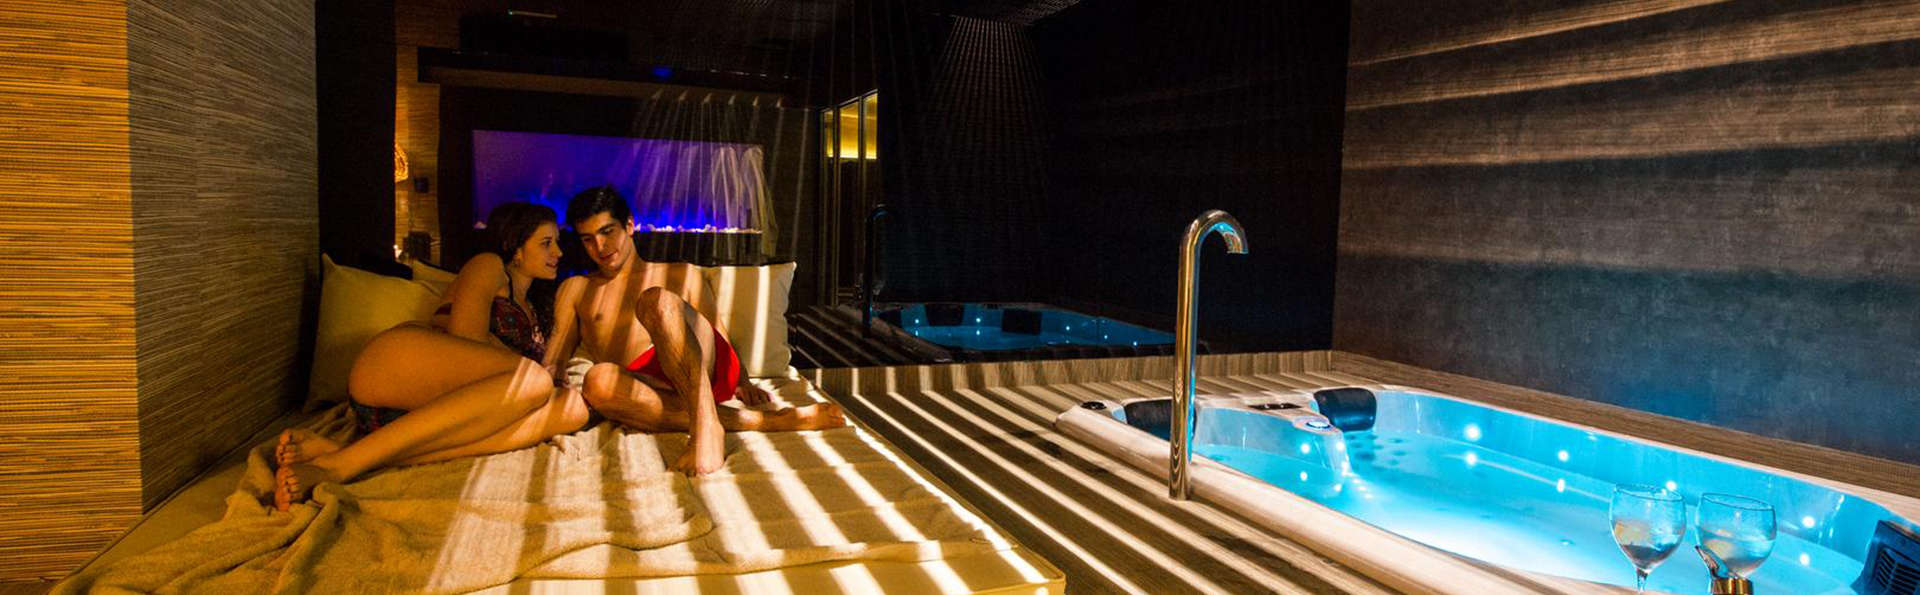 Spa Lovers: Escapada en pareja con Spa privado y Cena degustación 4* en Cantavieja